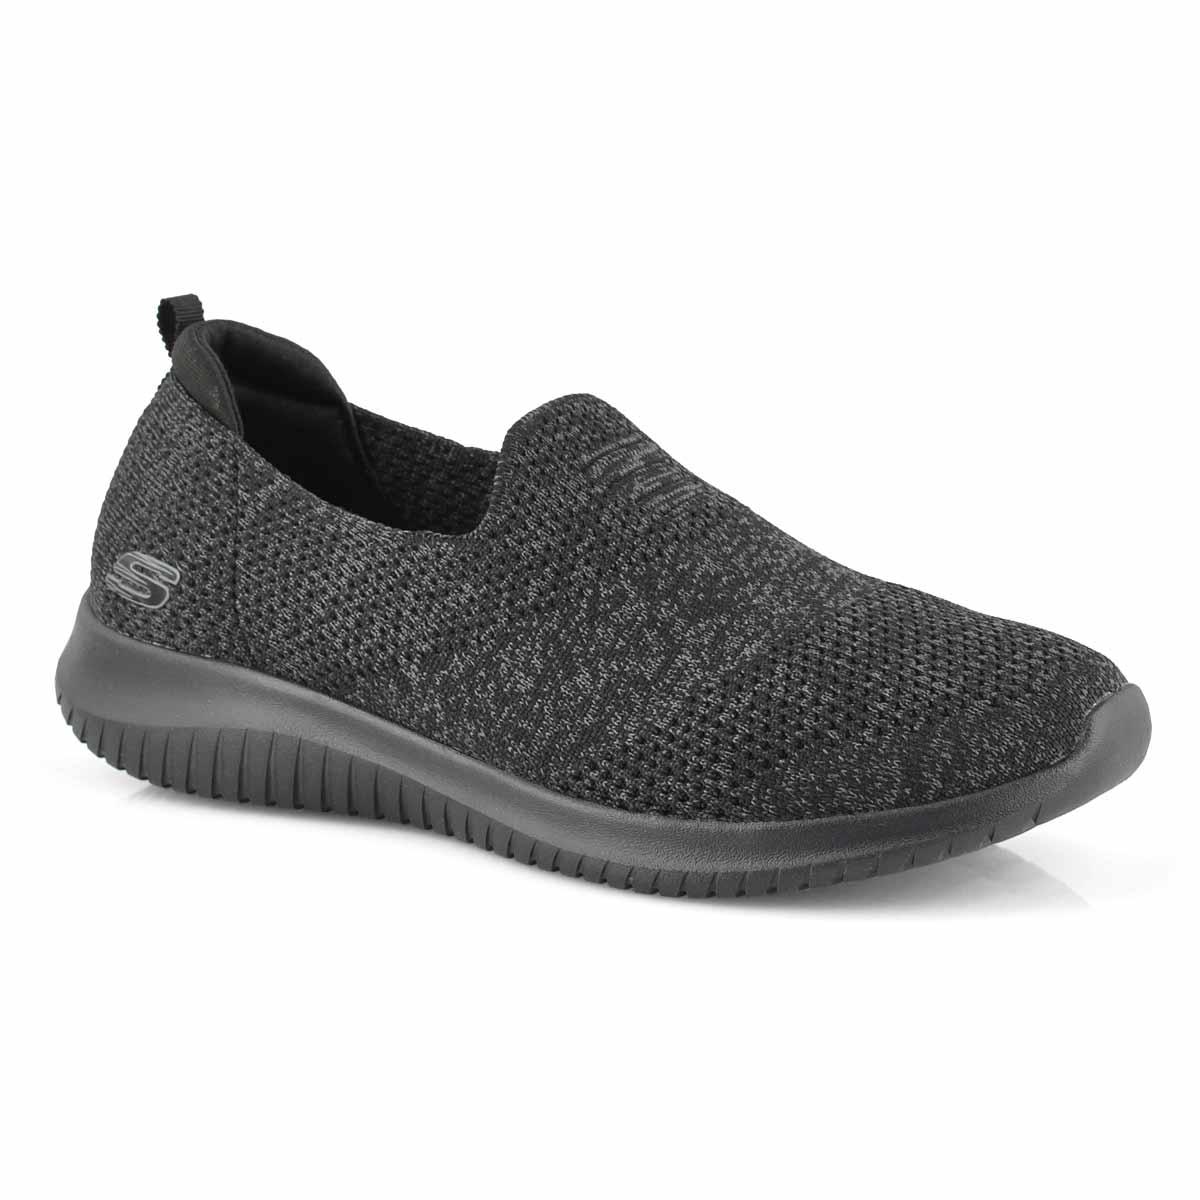 Women's Ultra Flex Harmonious Sneaker - Black/Blk